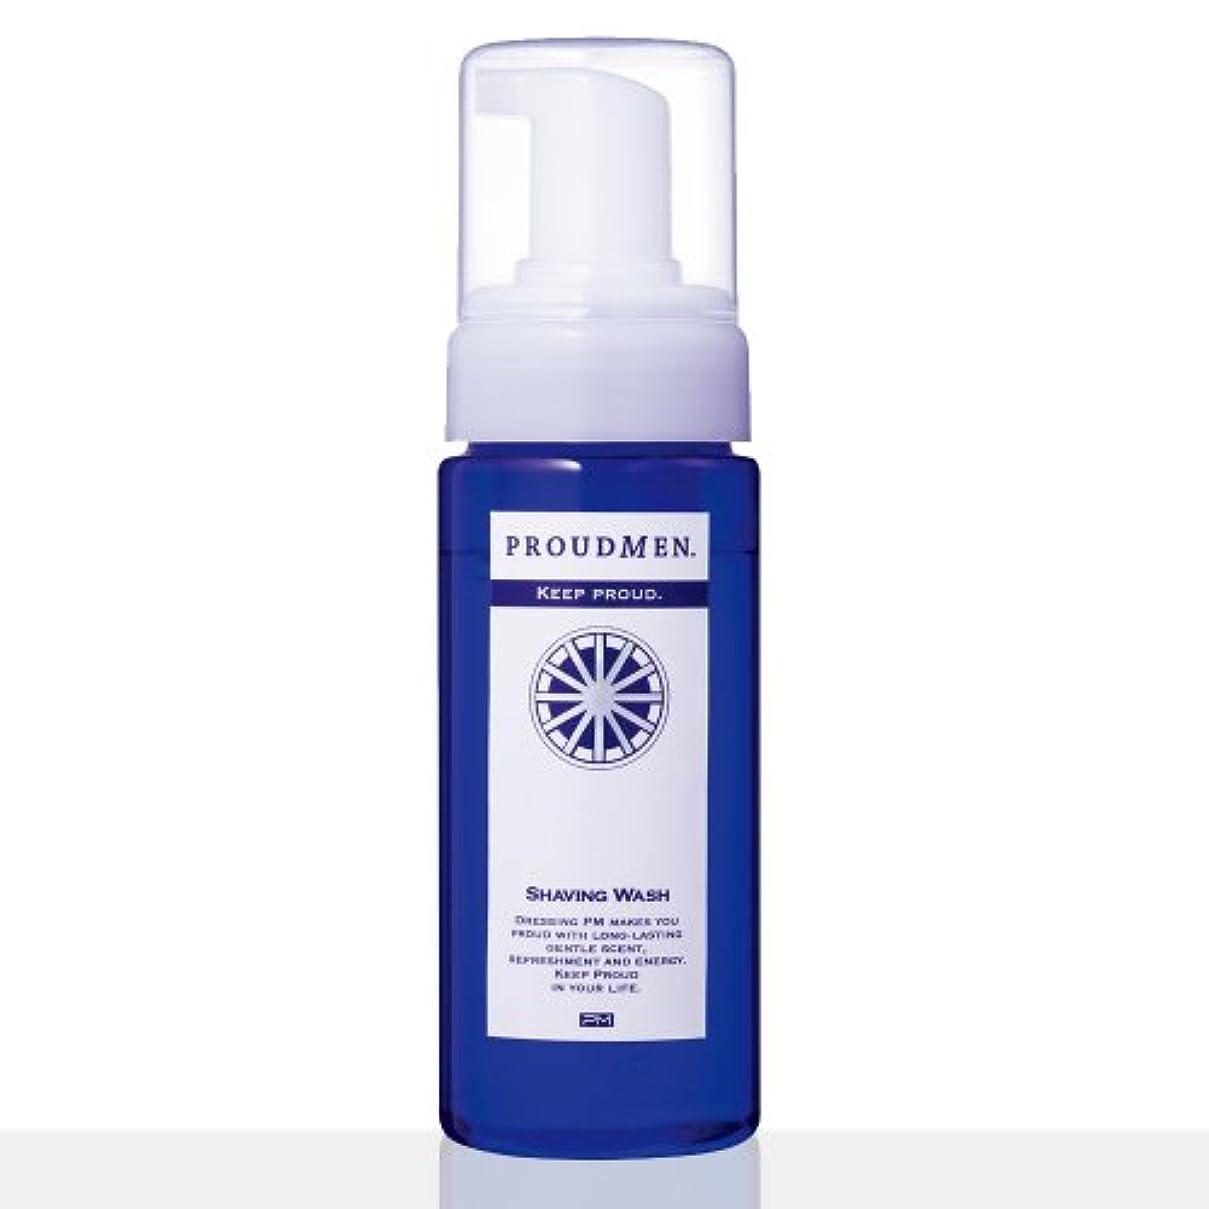 ベース抗生物質シリーズプラウドメン シェービングウォッシュ 150ml シェービングフォーム 男性用洗顔料 メンズ